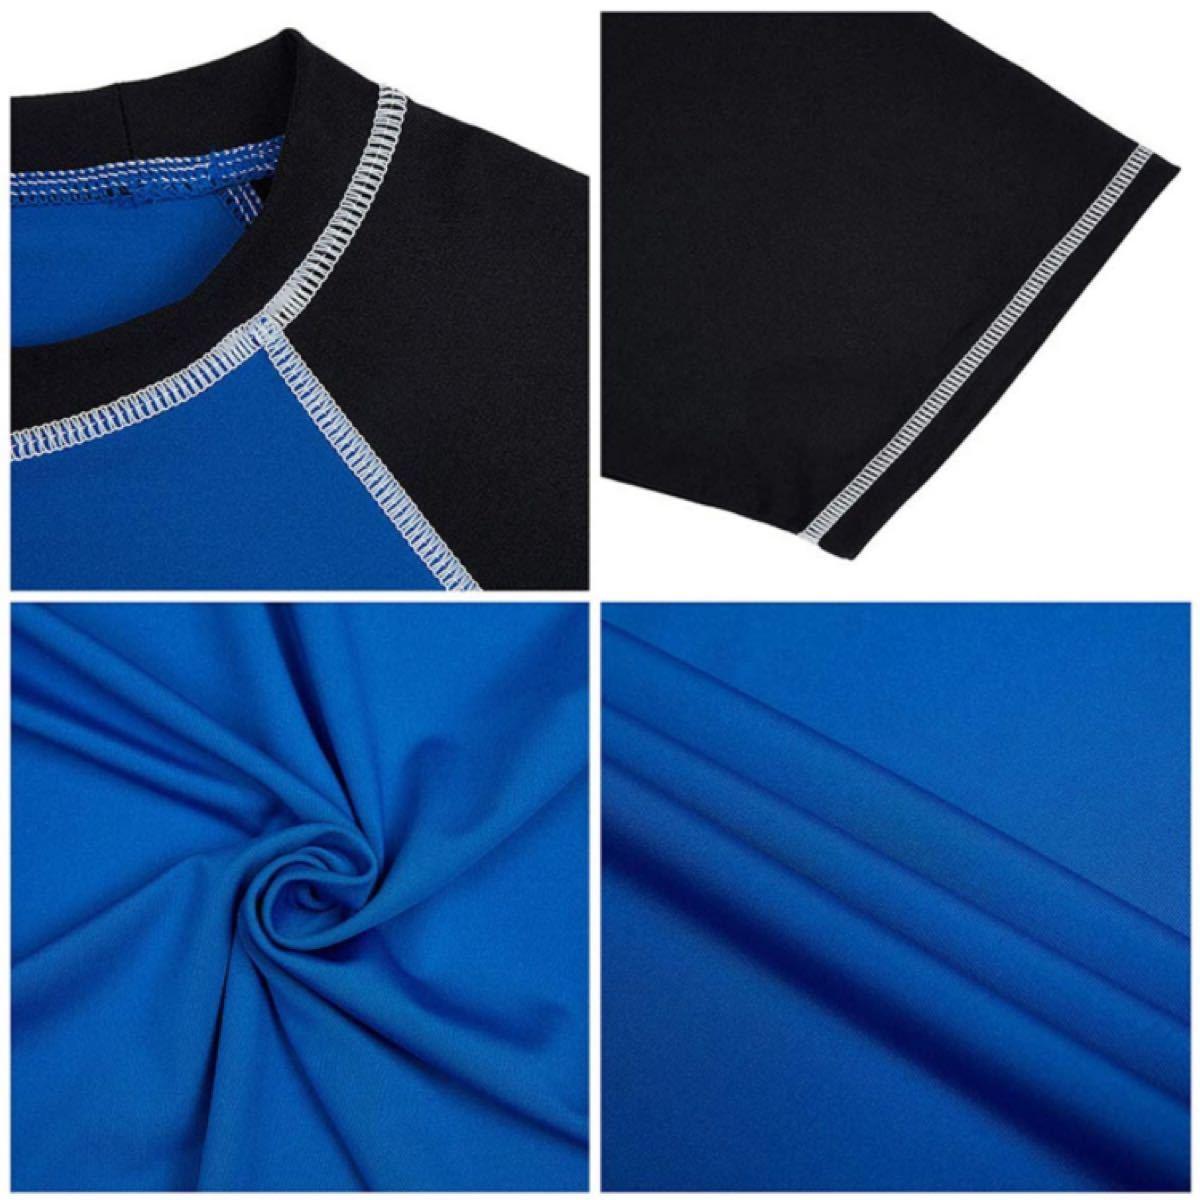 トレーニング Tシャツ メンズ レーニングウェア 半袖 フィットネス スポーツ ランニングウェア 半袖Tシャツ